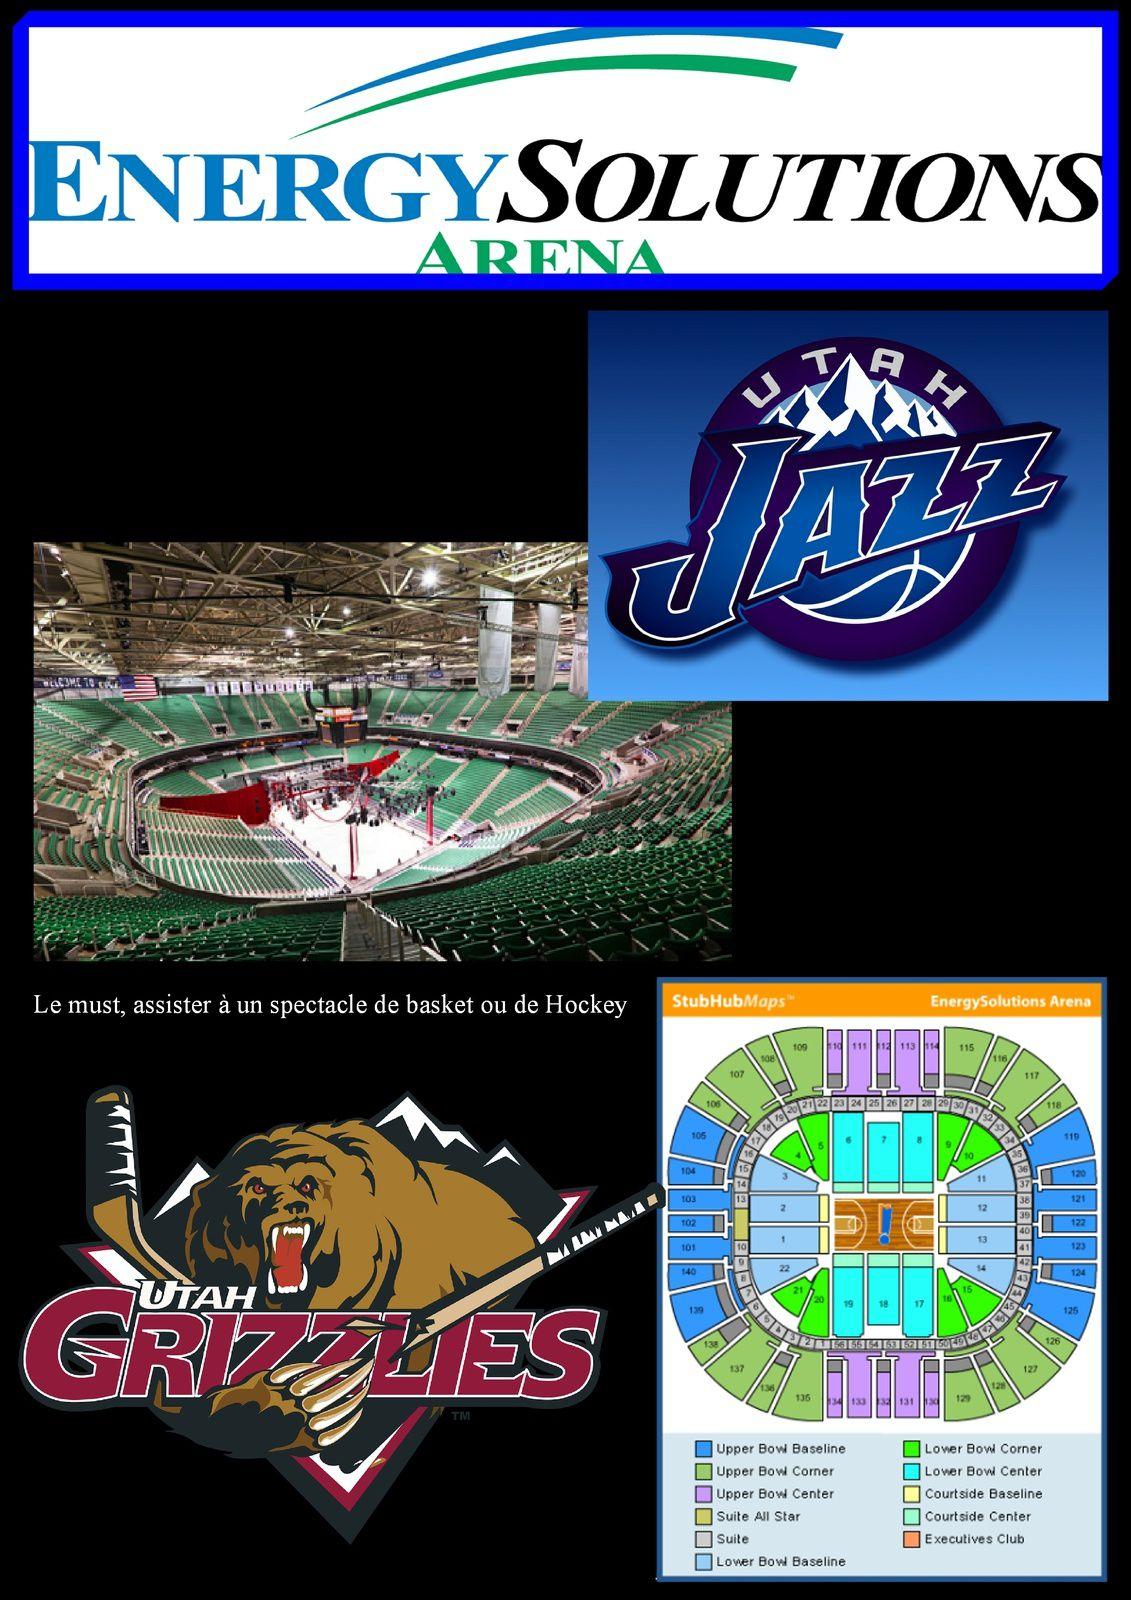 La EnergySolutions Arena est une salle omnisports. Depuis 1991, ses locataires sont les Jazz de l'Utah, qui évoluent actuellement en NBA, et les Utah Blaze de l'Arena Football League. Ce fut également le domicile des Utah Starzz (WNBA), qui depuis 2002 jouent à San Antonio, mais aussi des Grizzlies de l'Utah (Ligue internationale de hockey) entre 1995 et 1997 puis des Salt Lake Golden Eagles (Ligue internationale de hockey) entre 1991 et 1994. Sa capacité est de 19 911 places pour le basket-ball, 14 000 pour le hockey sur glace et le football américain en salle, avec 56 suites de luxe et 668 sièges de club.